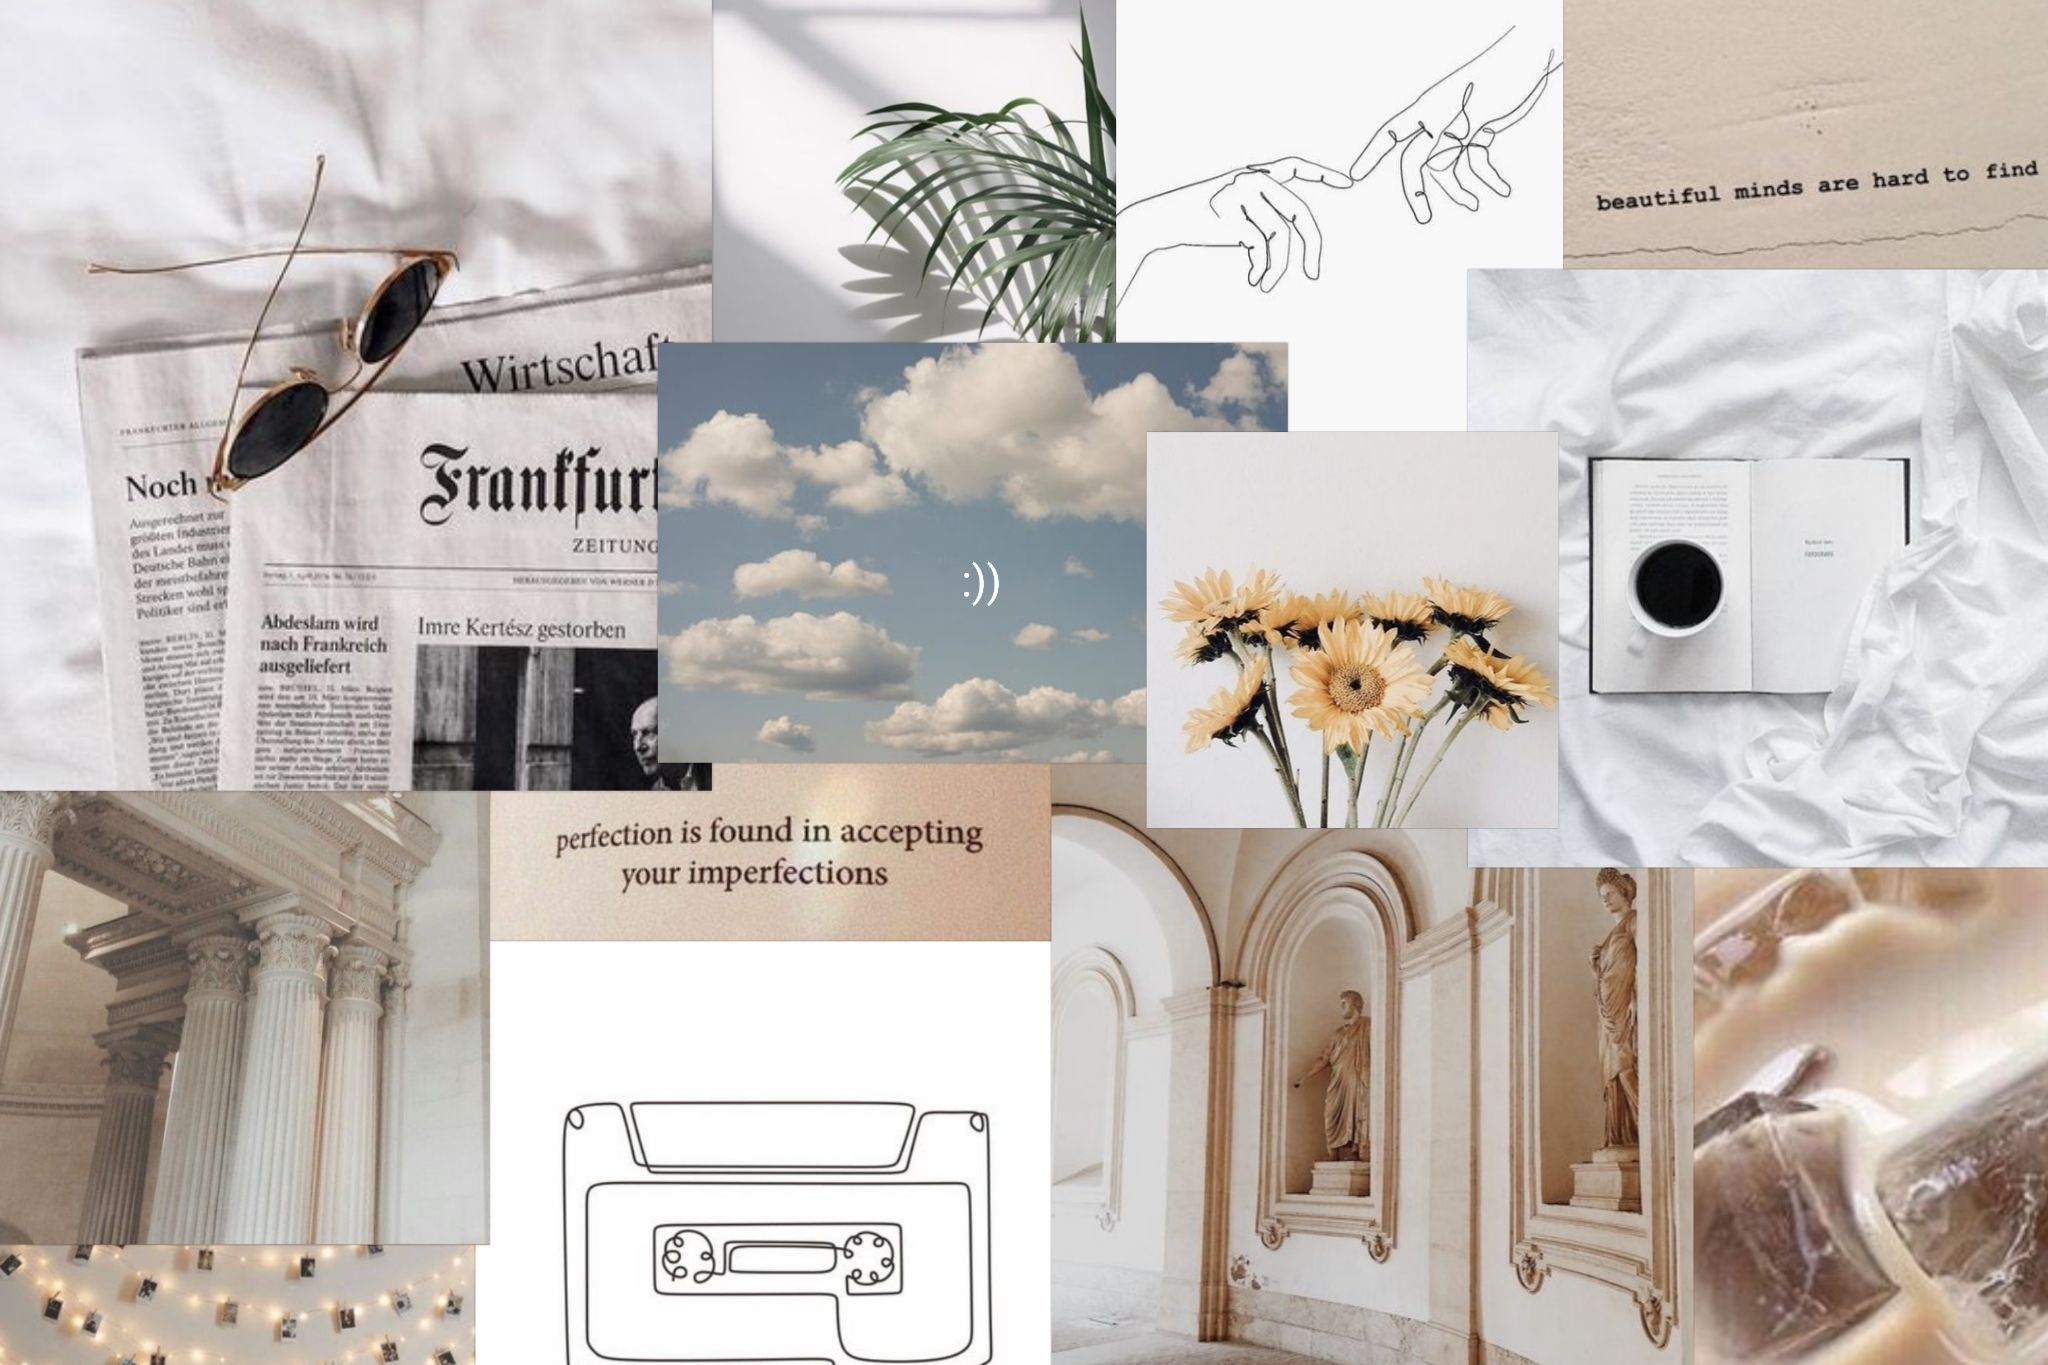 Cream Aesthetic Desktop Wallpapers Top Free Cream Aesthetic Desktop Backgrounds Wallpaperaccess Beige aesthetic wallpaper vintage hd. cream aesthetic desktop wallpapers